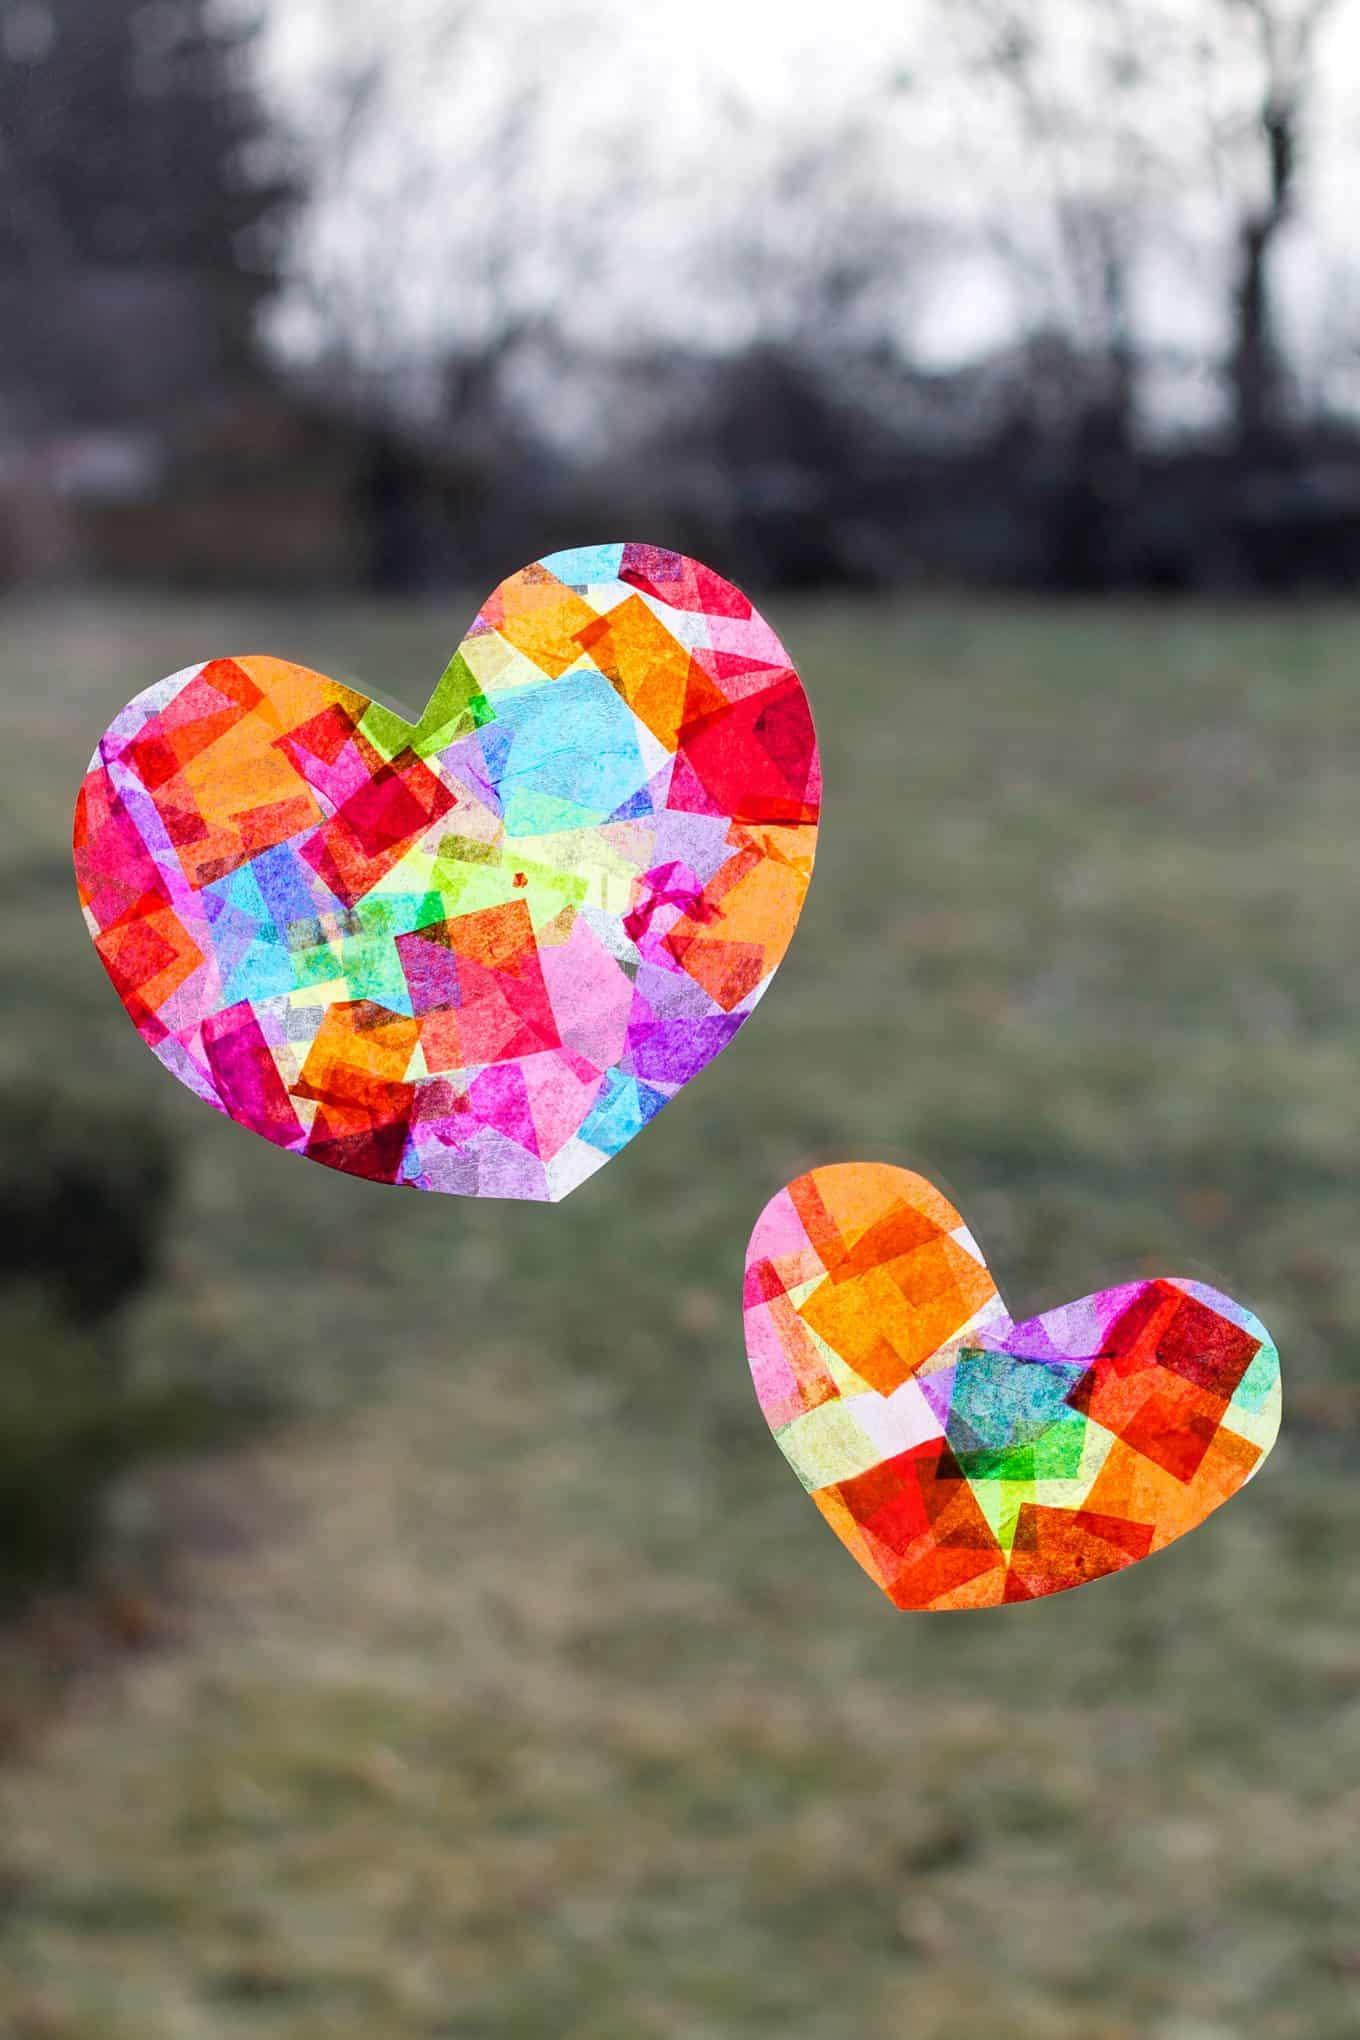 Tissue paper rainbow heart suncatchers